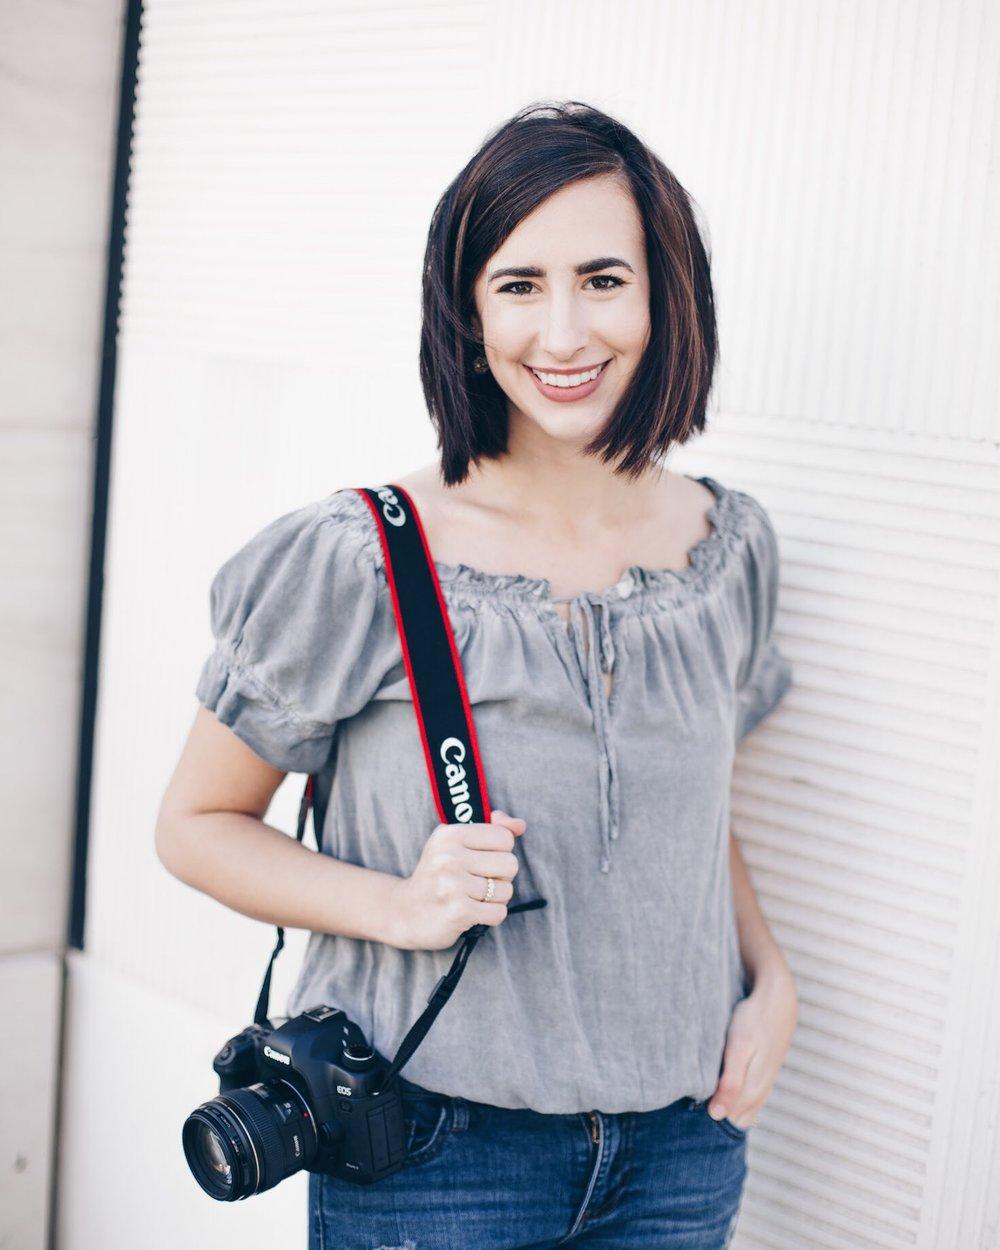 Meet Katelyn, photographer behind @katelynleblanc